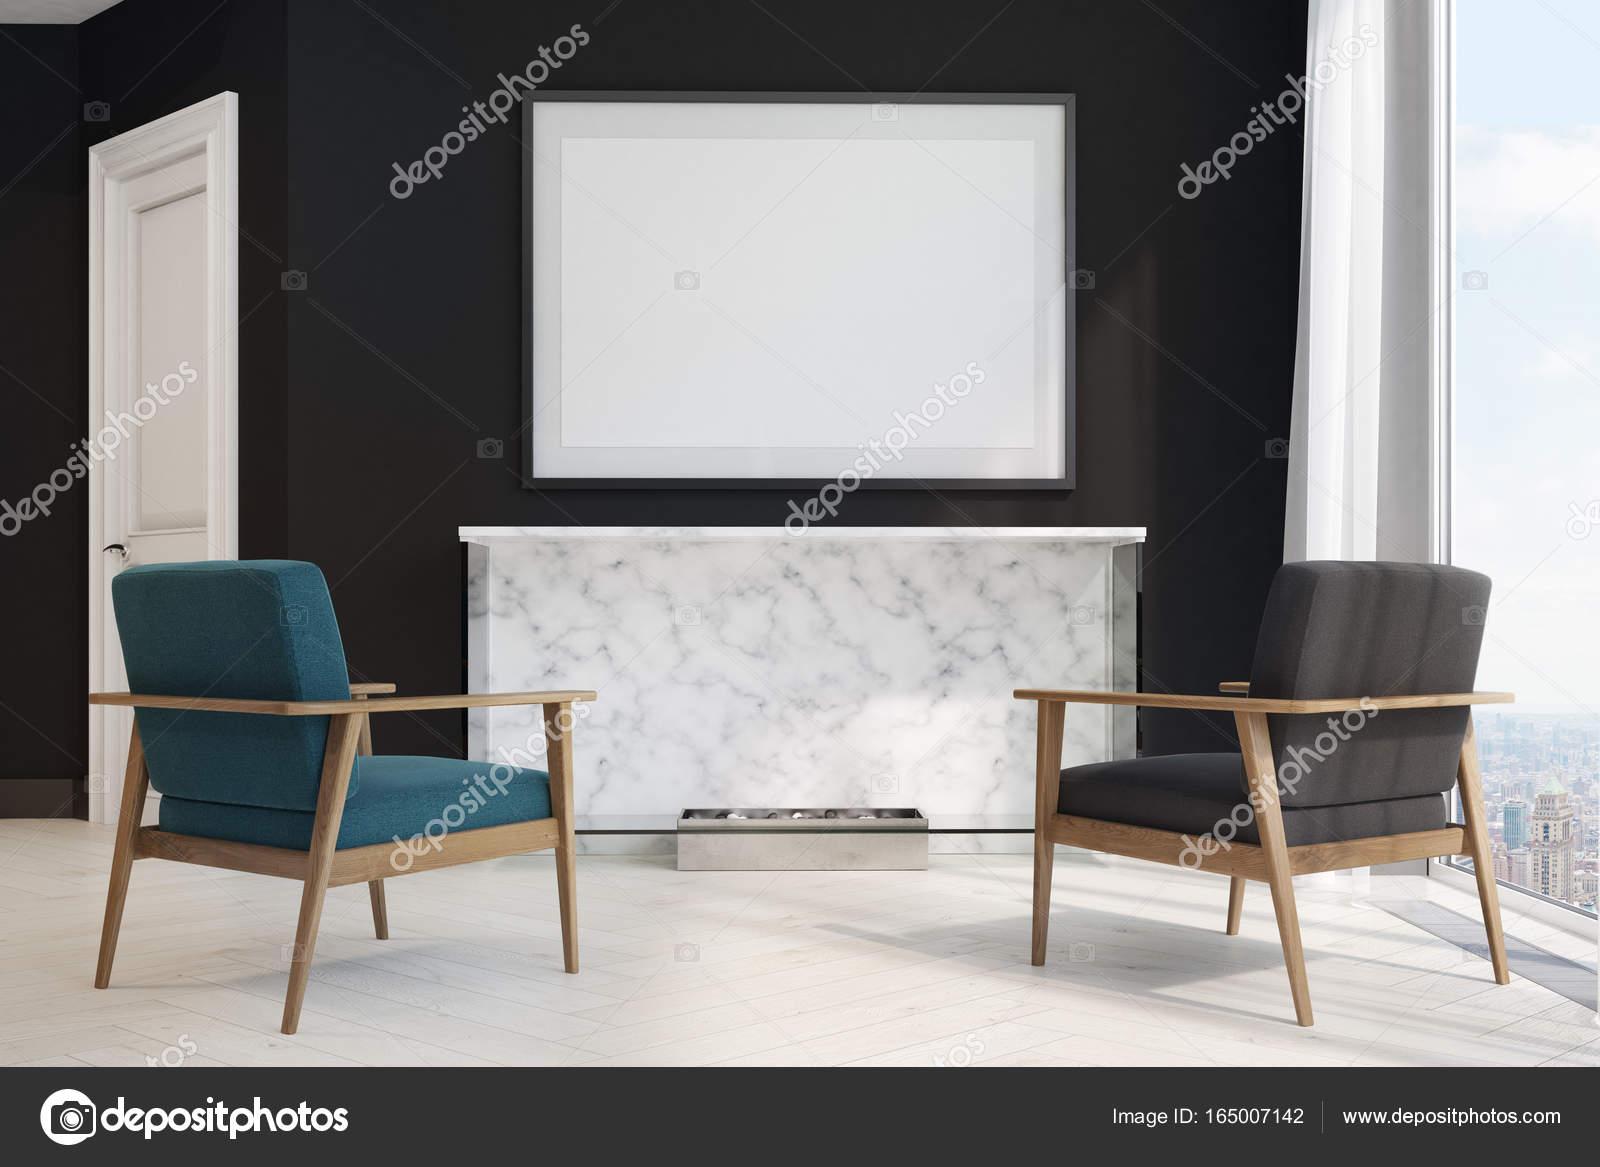 Wohnzimmer Schwarz, blau und schwarz Sessel — Stockfoto ...